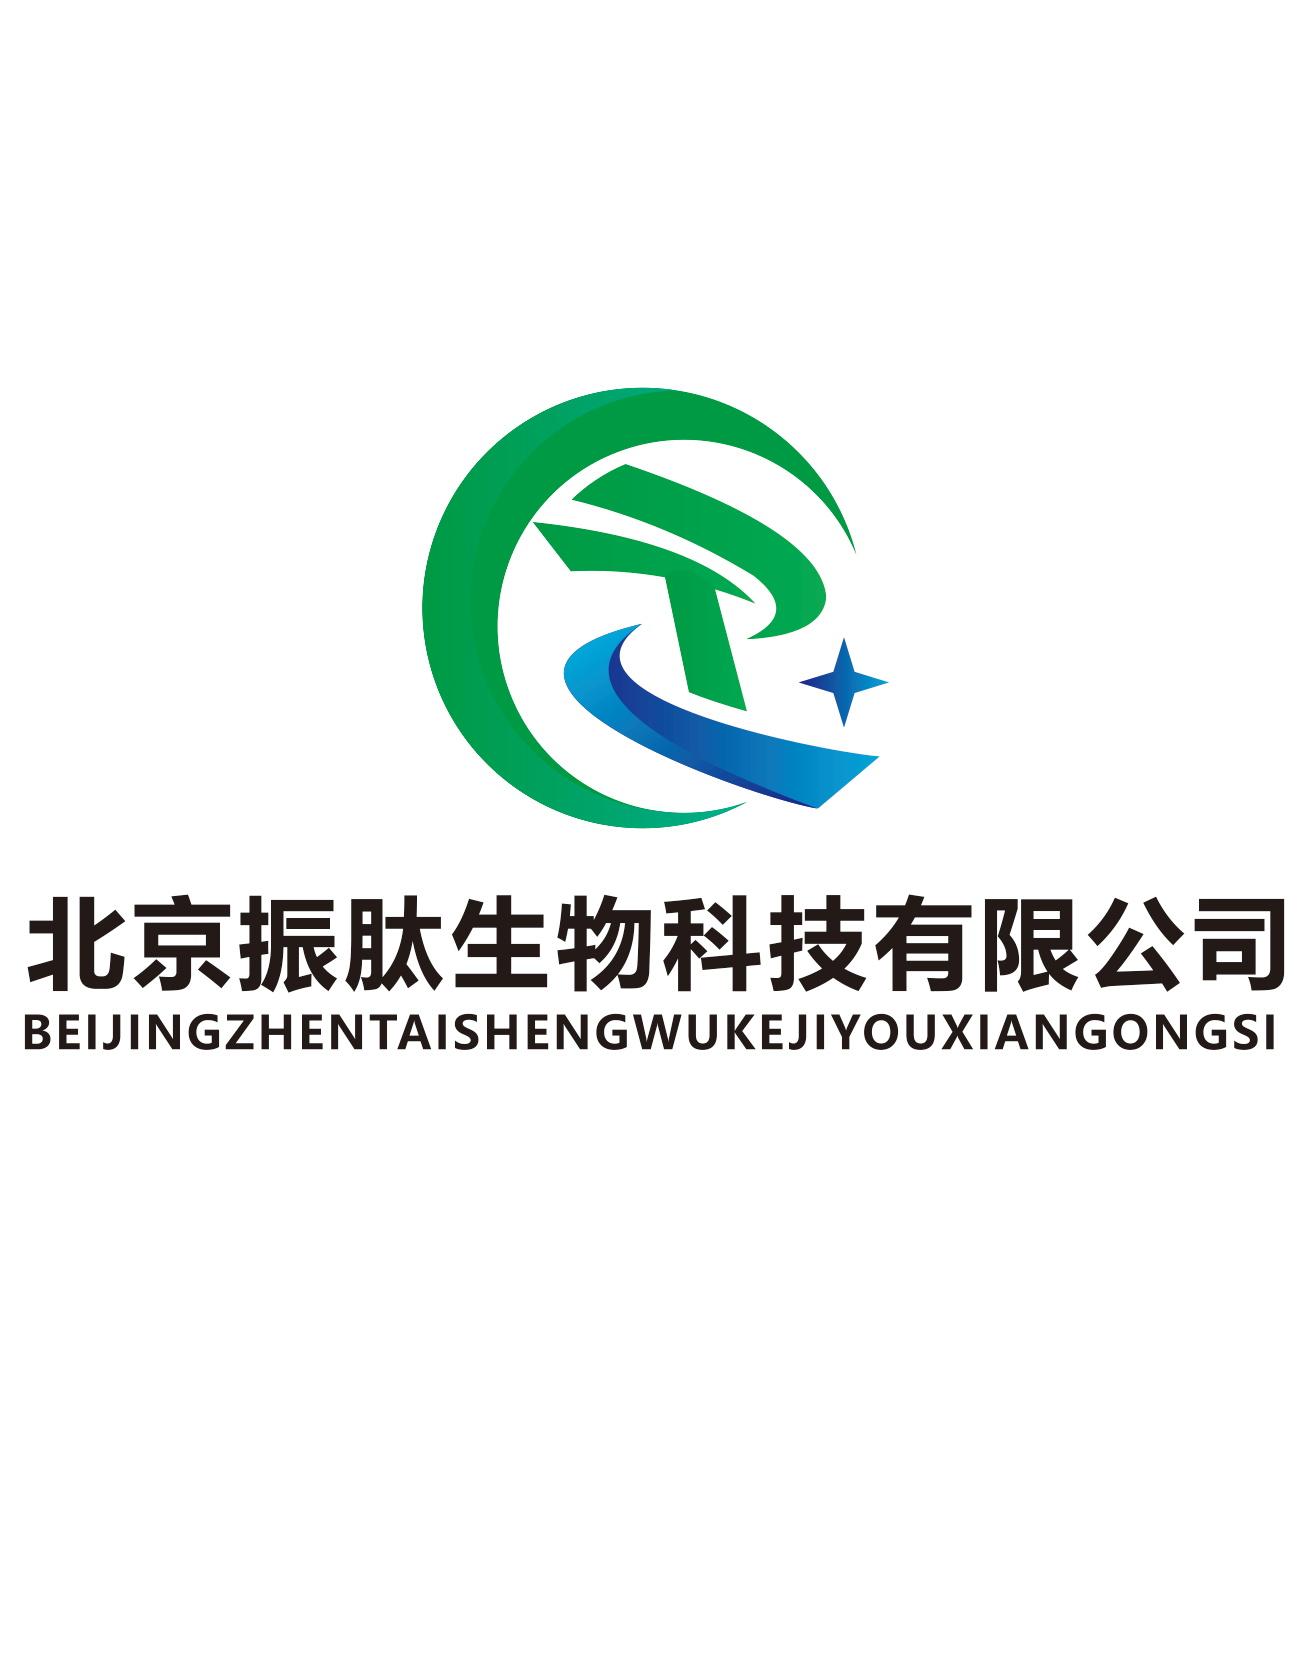 北京振肽生物科技有限公司魏经理